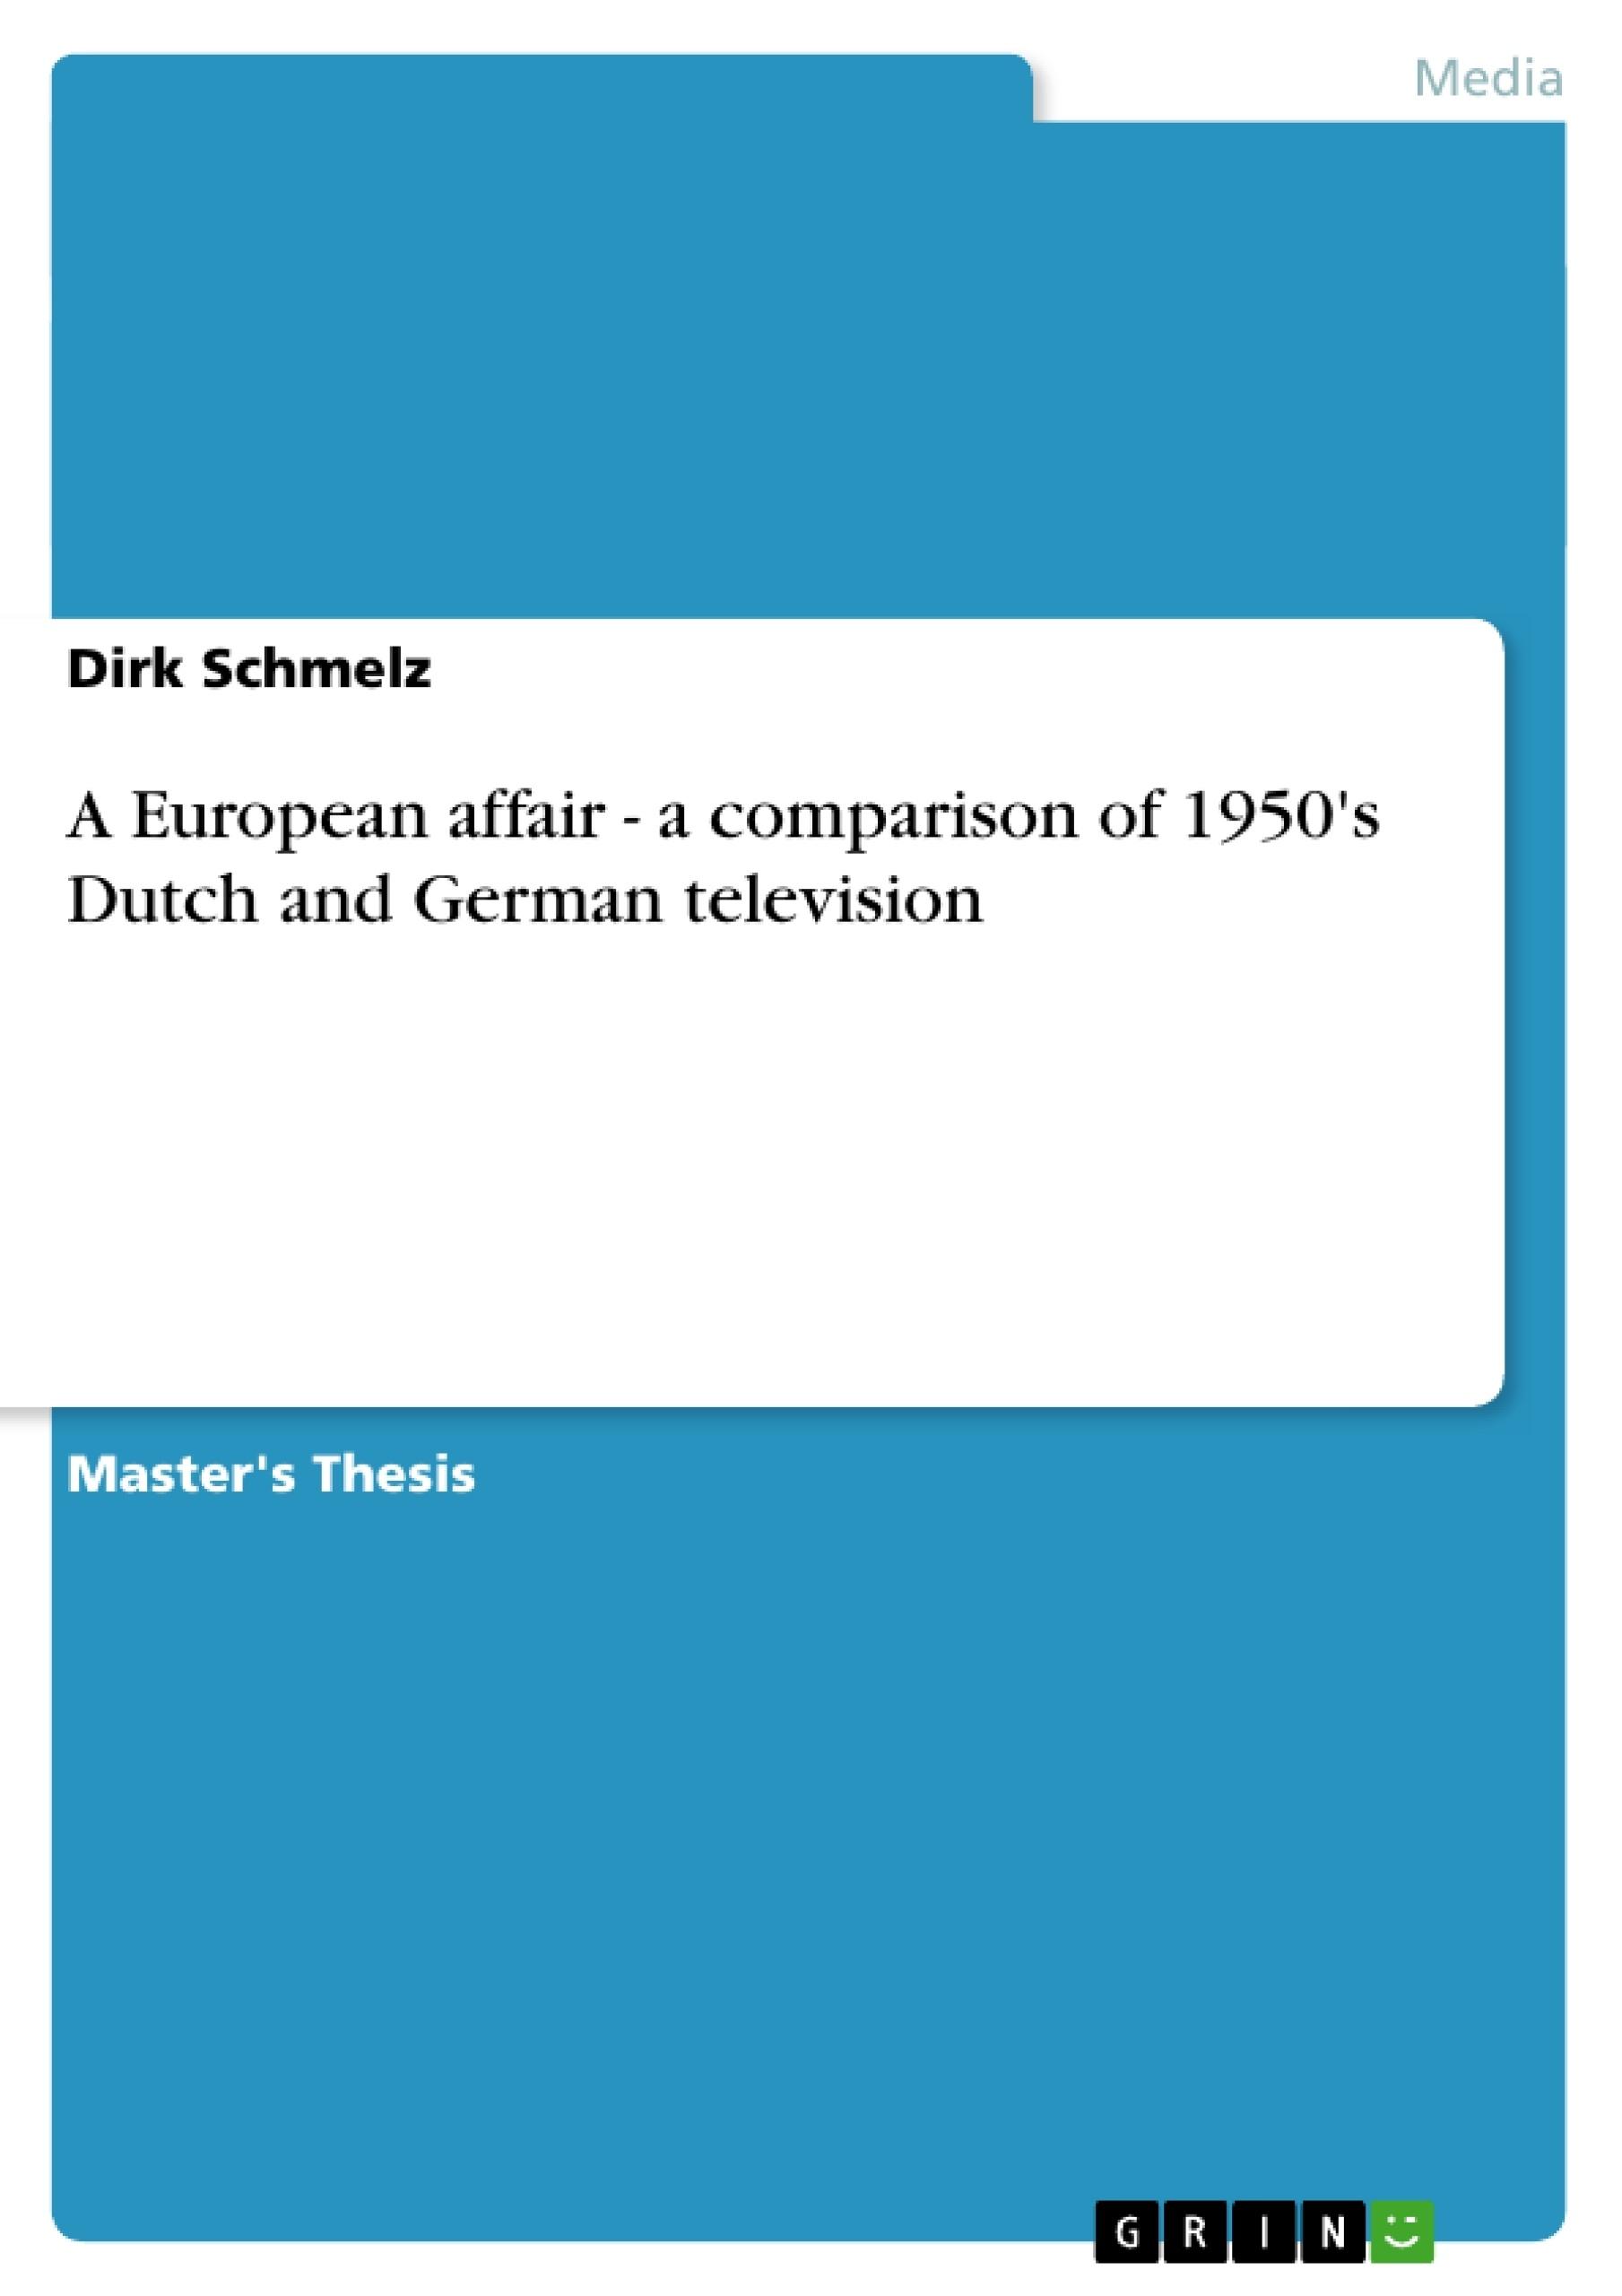 Title: A European affair - a comparison of 1950's Dutch and German television